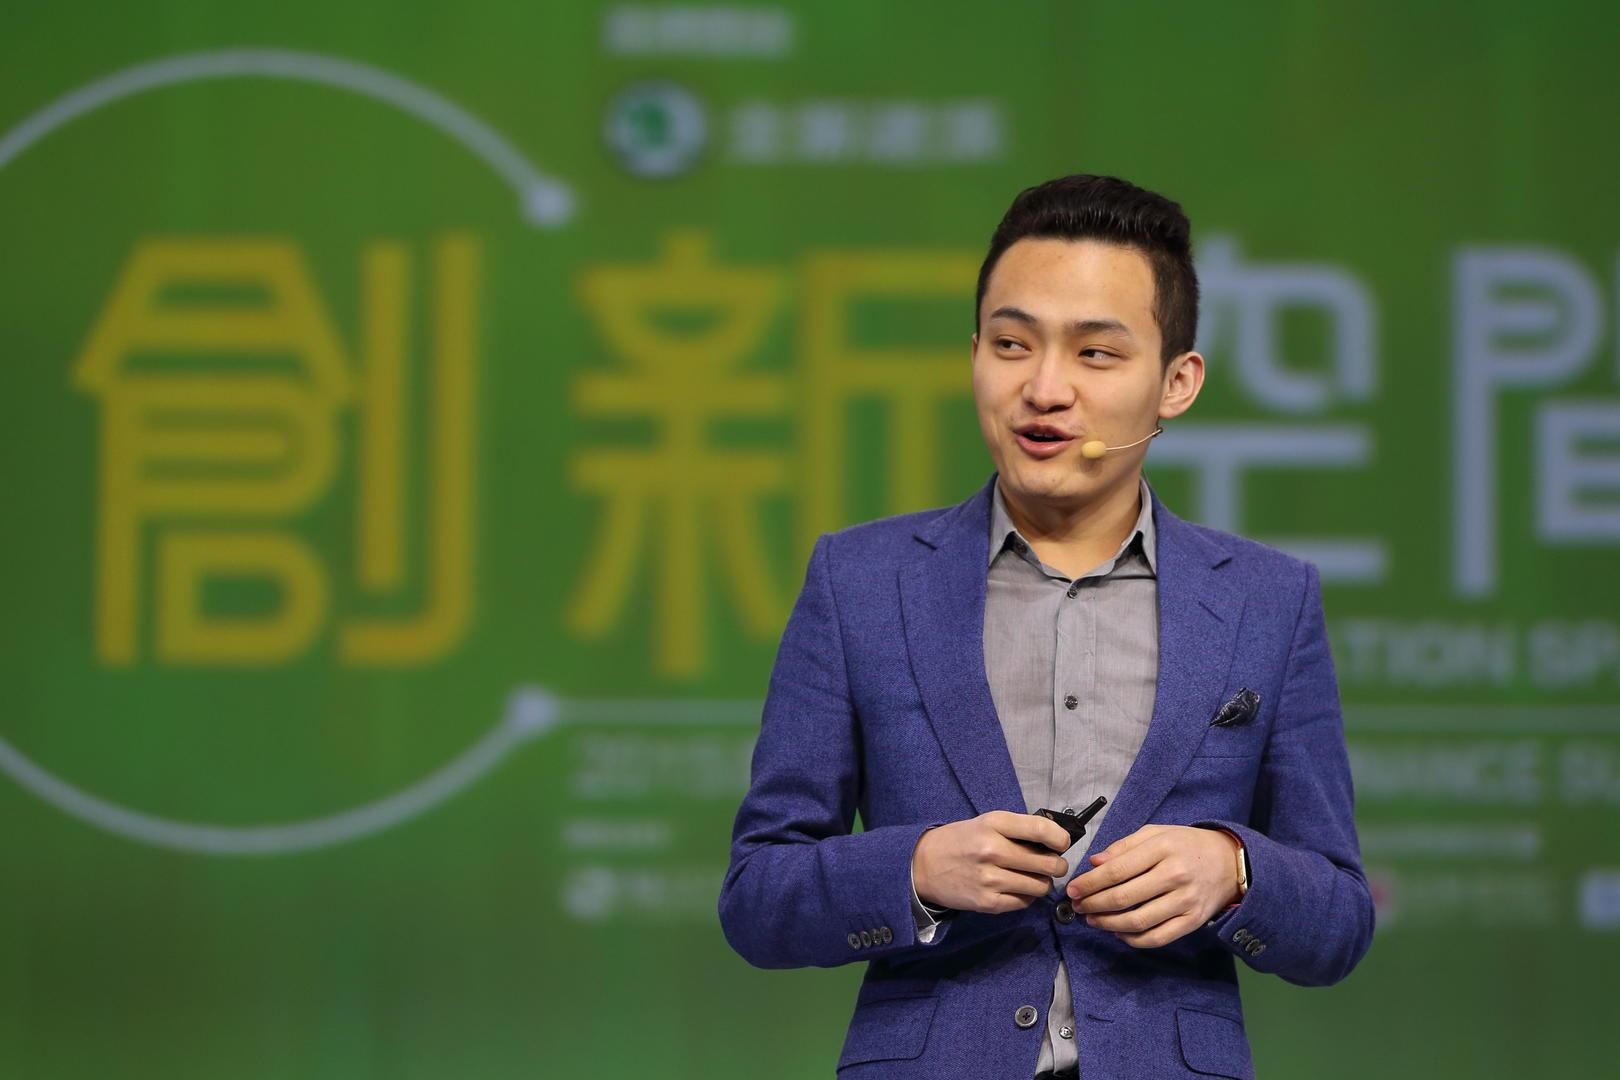 孙宇晨在线发红包网友:他是以小成本做大营销_转账